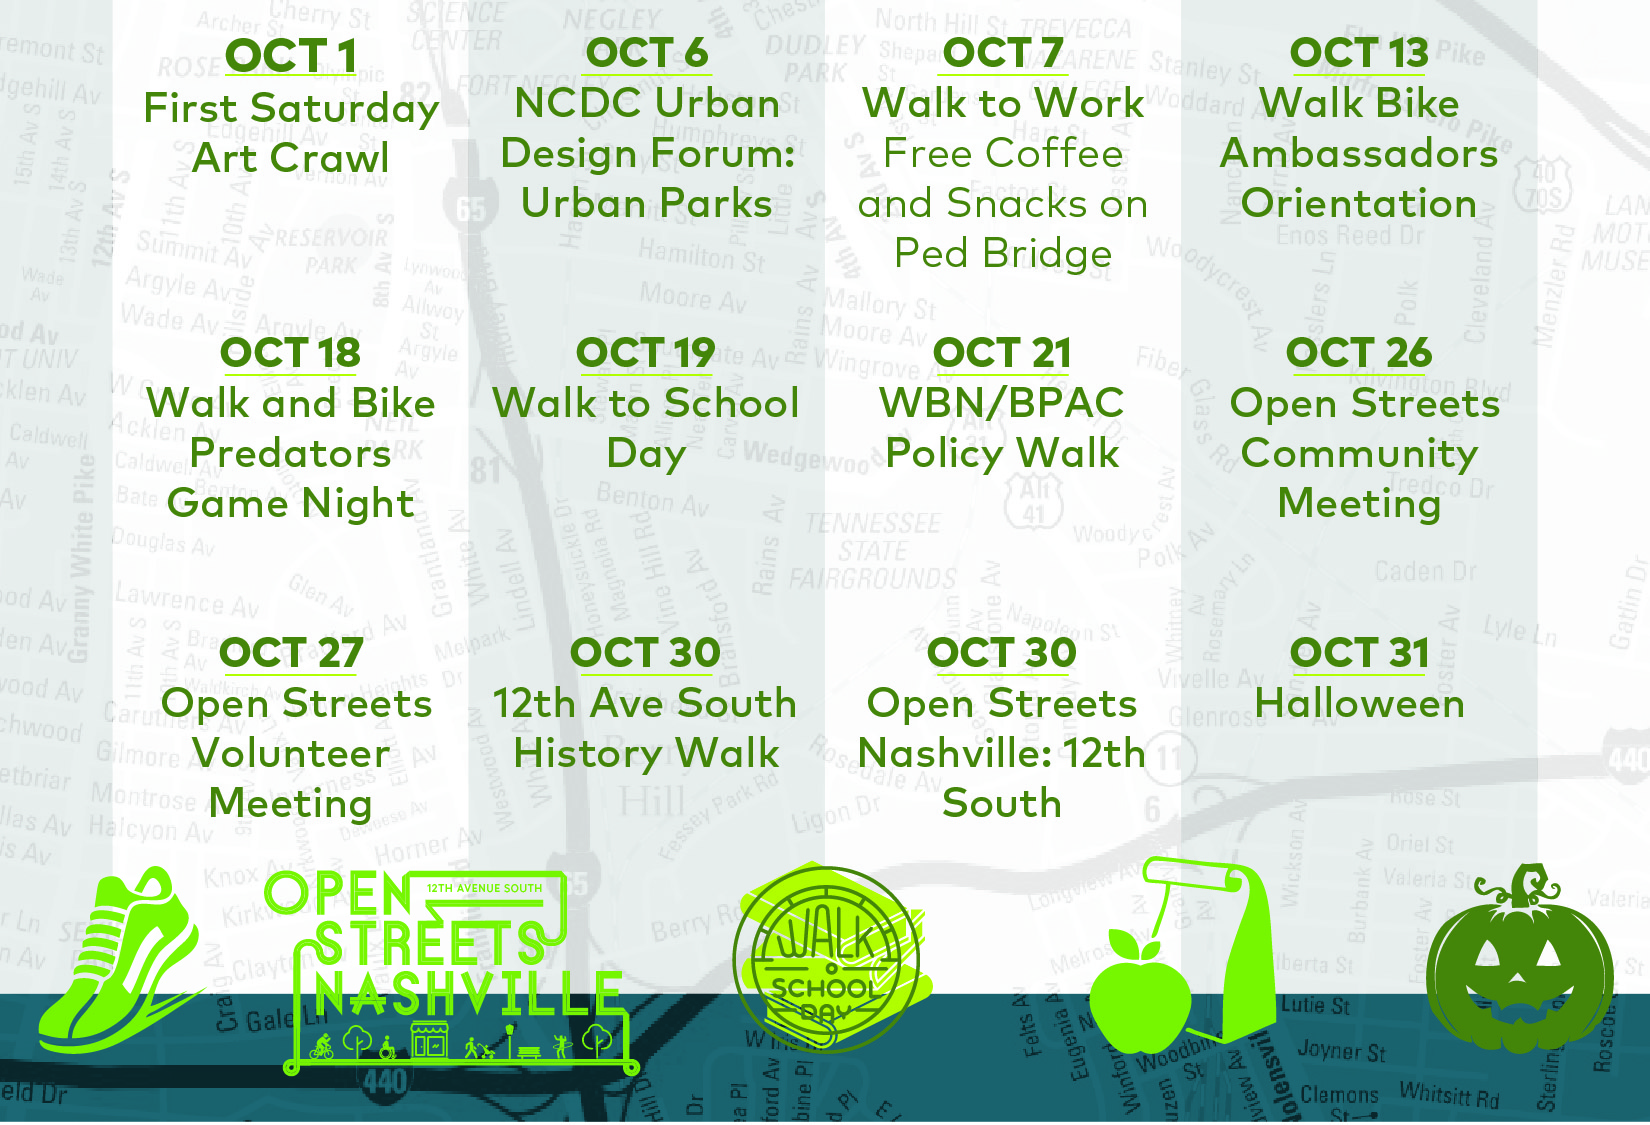 October_Walk_Month_2016_Calendar-01.jpg